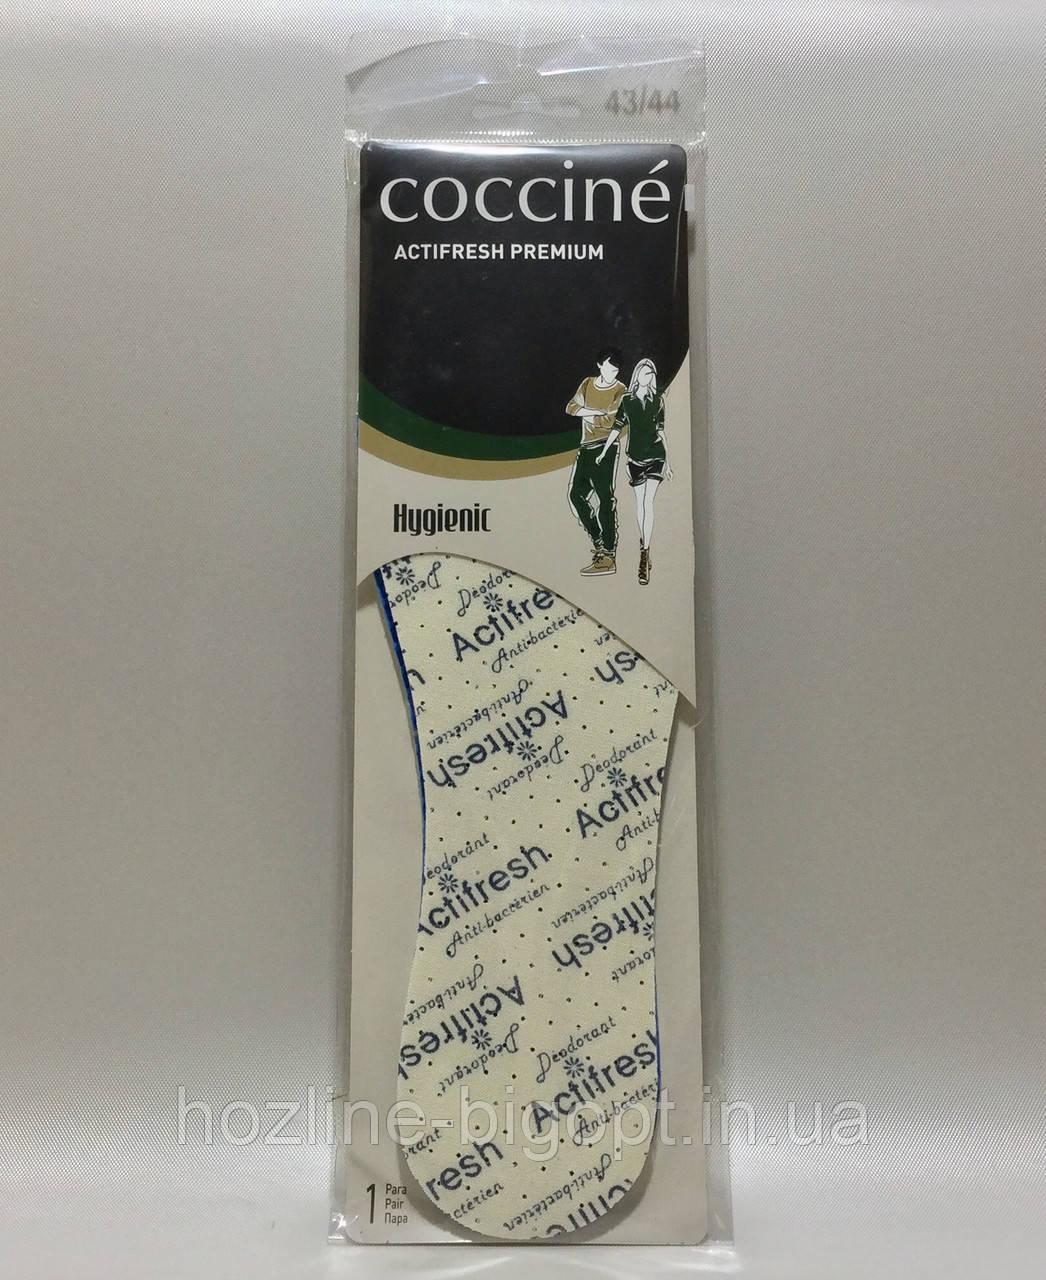 Coccine ACTIFRESH PREMIUM Стелька демисезонная антибактериальая. 43/44 р.